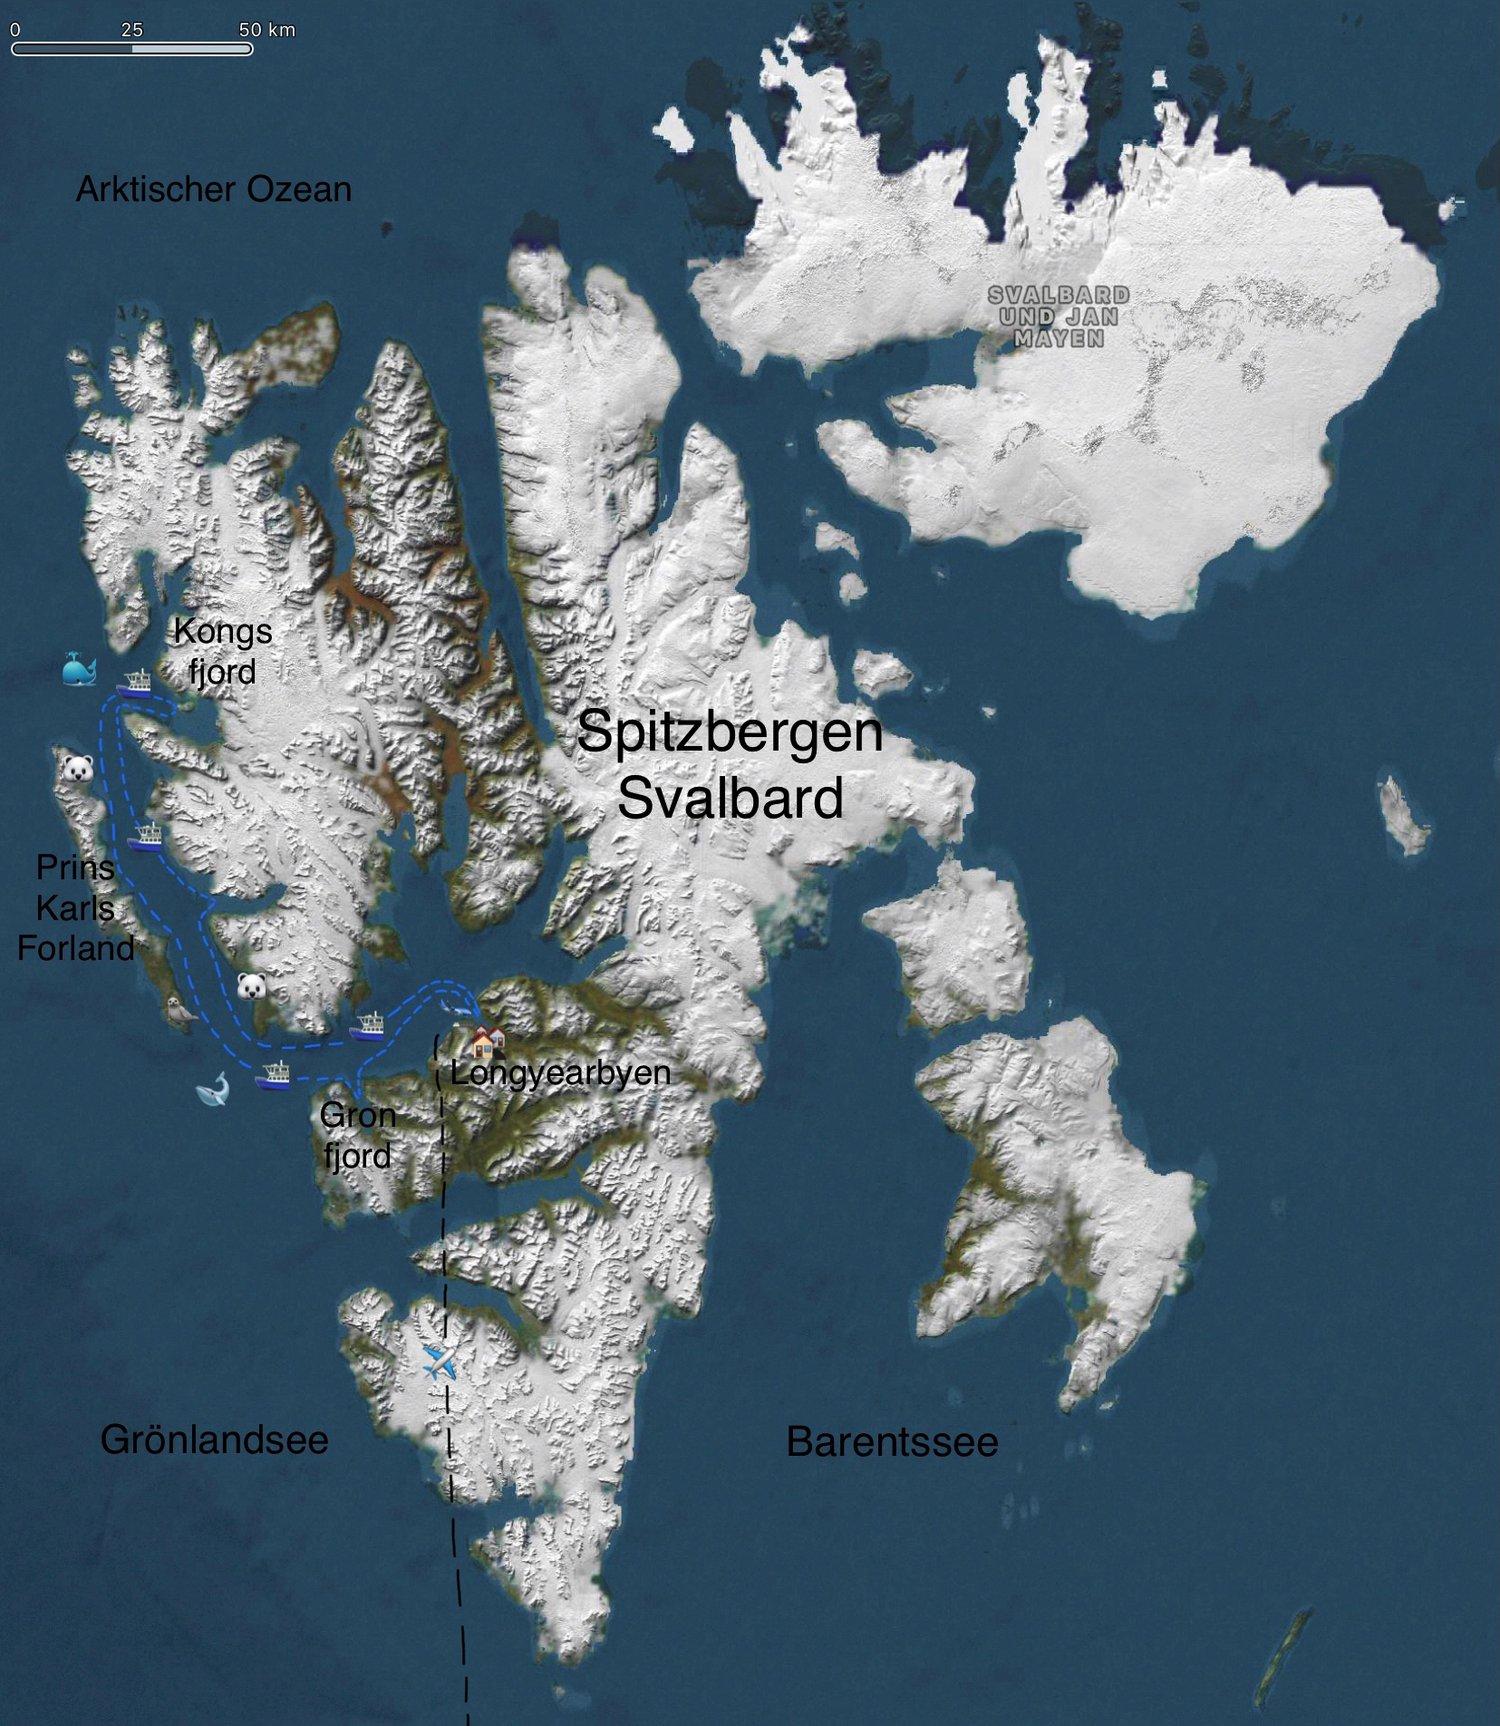 Die blauen Linien sind die wahrscheinlichen Schiffs-Routen, die durch Wind, Wetter, Seegang, Packeis und Eisbären- Situation vor Ort noch umgeändert werden können.